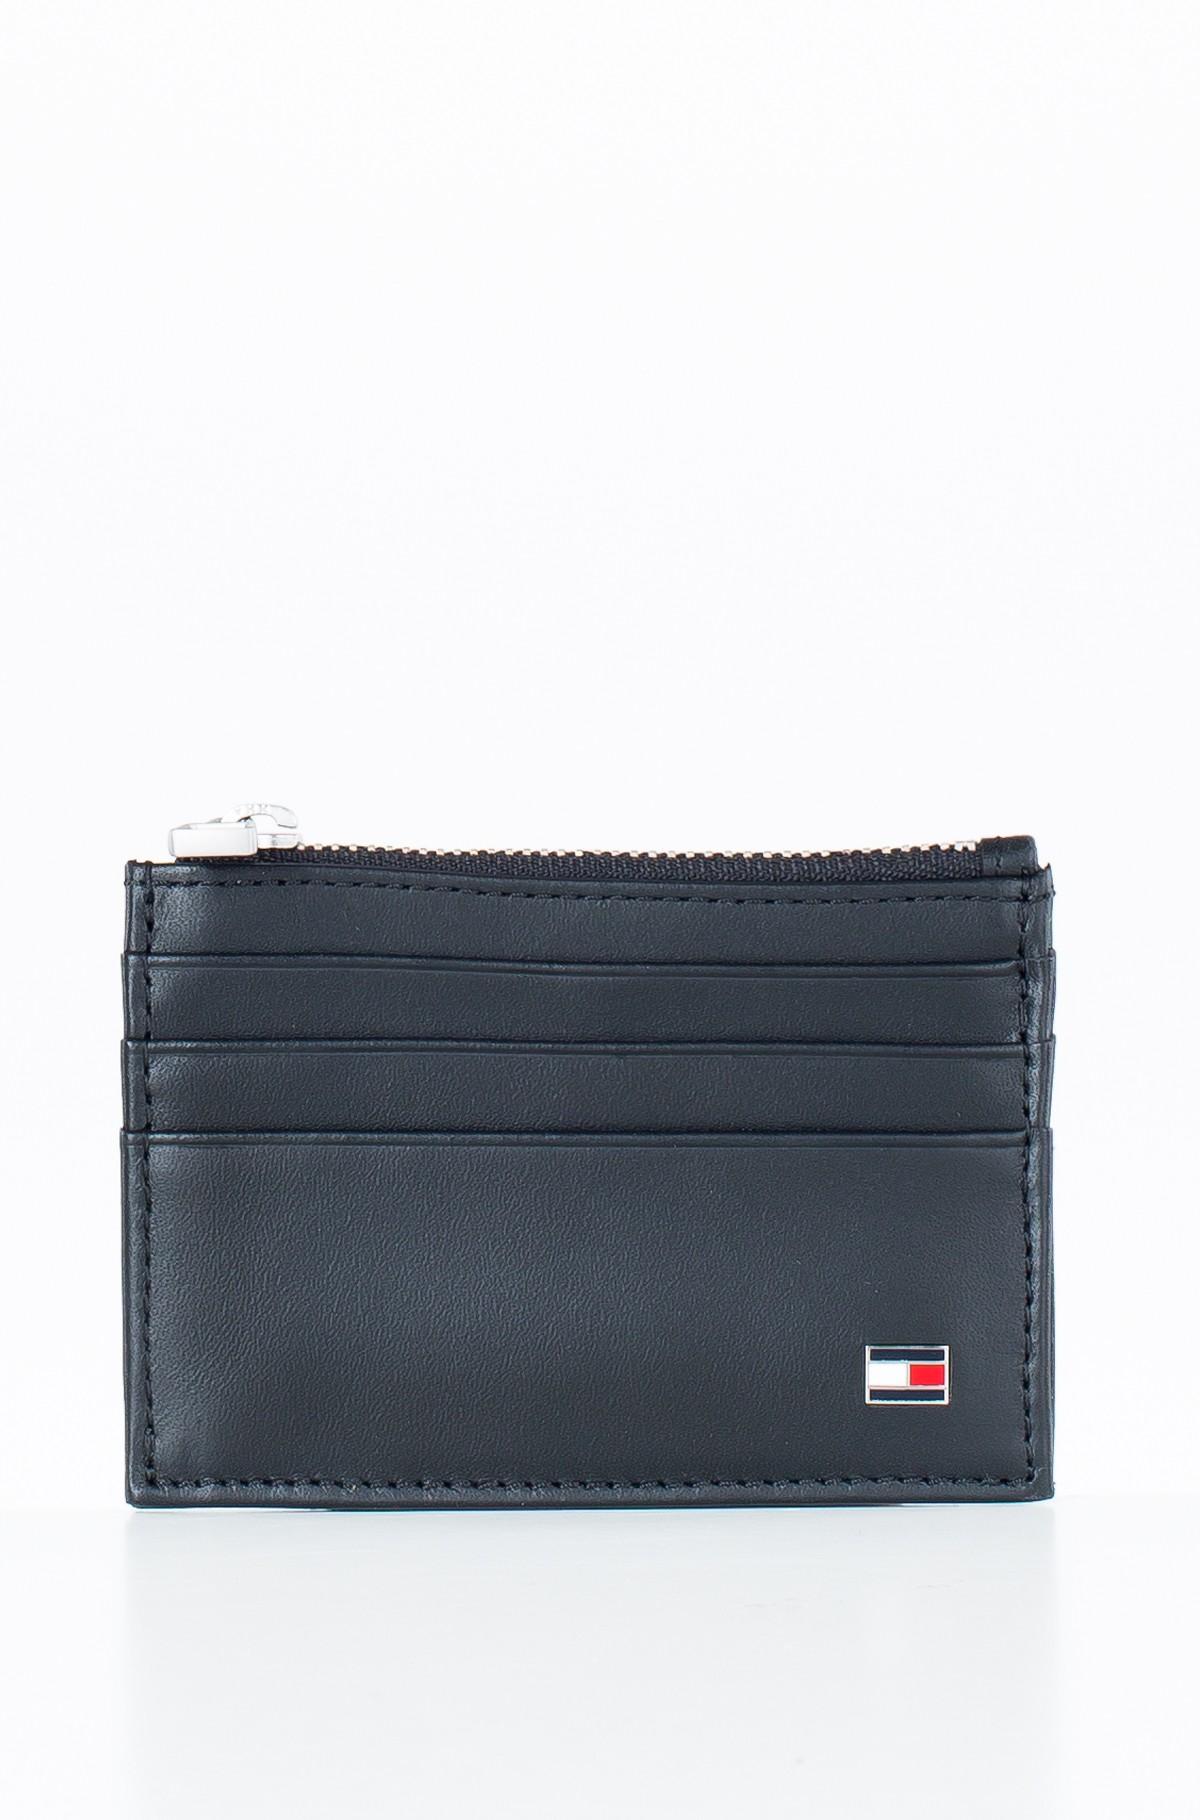 Kaarditasku ETON CC HOLDER WITH ZIP-full-1